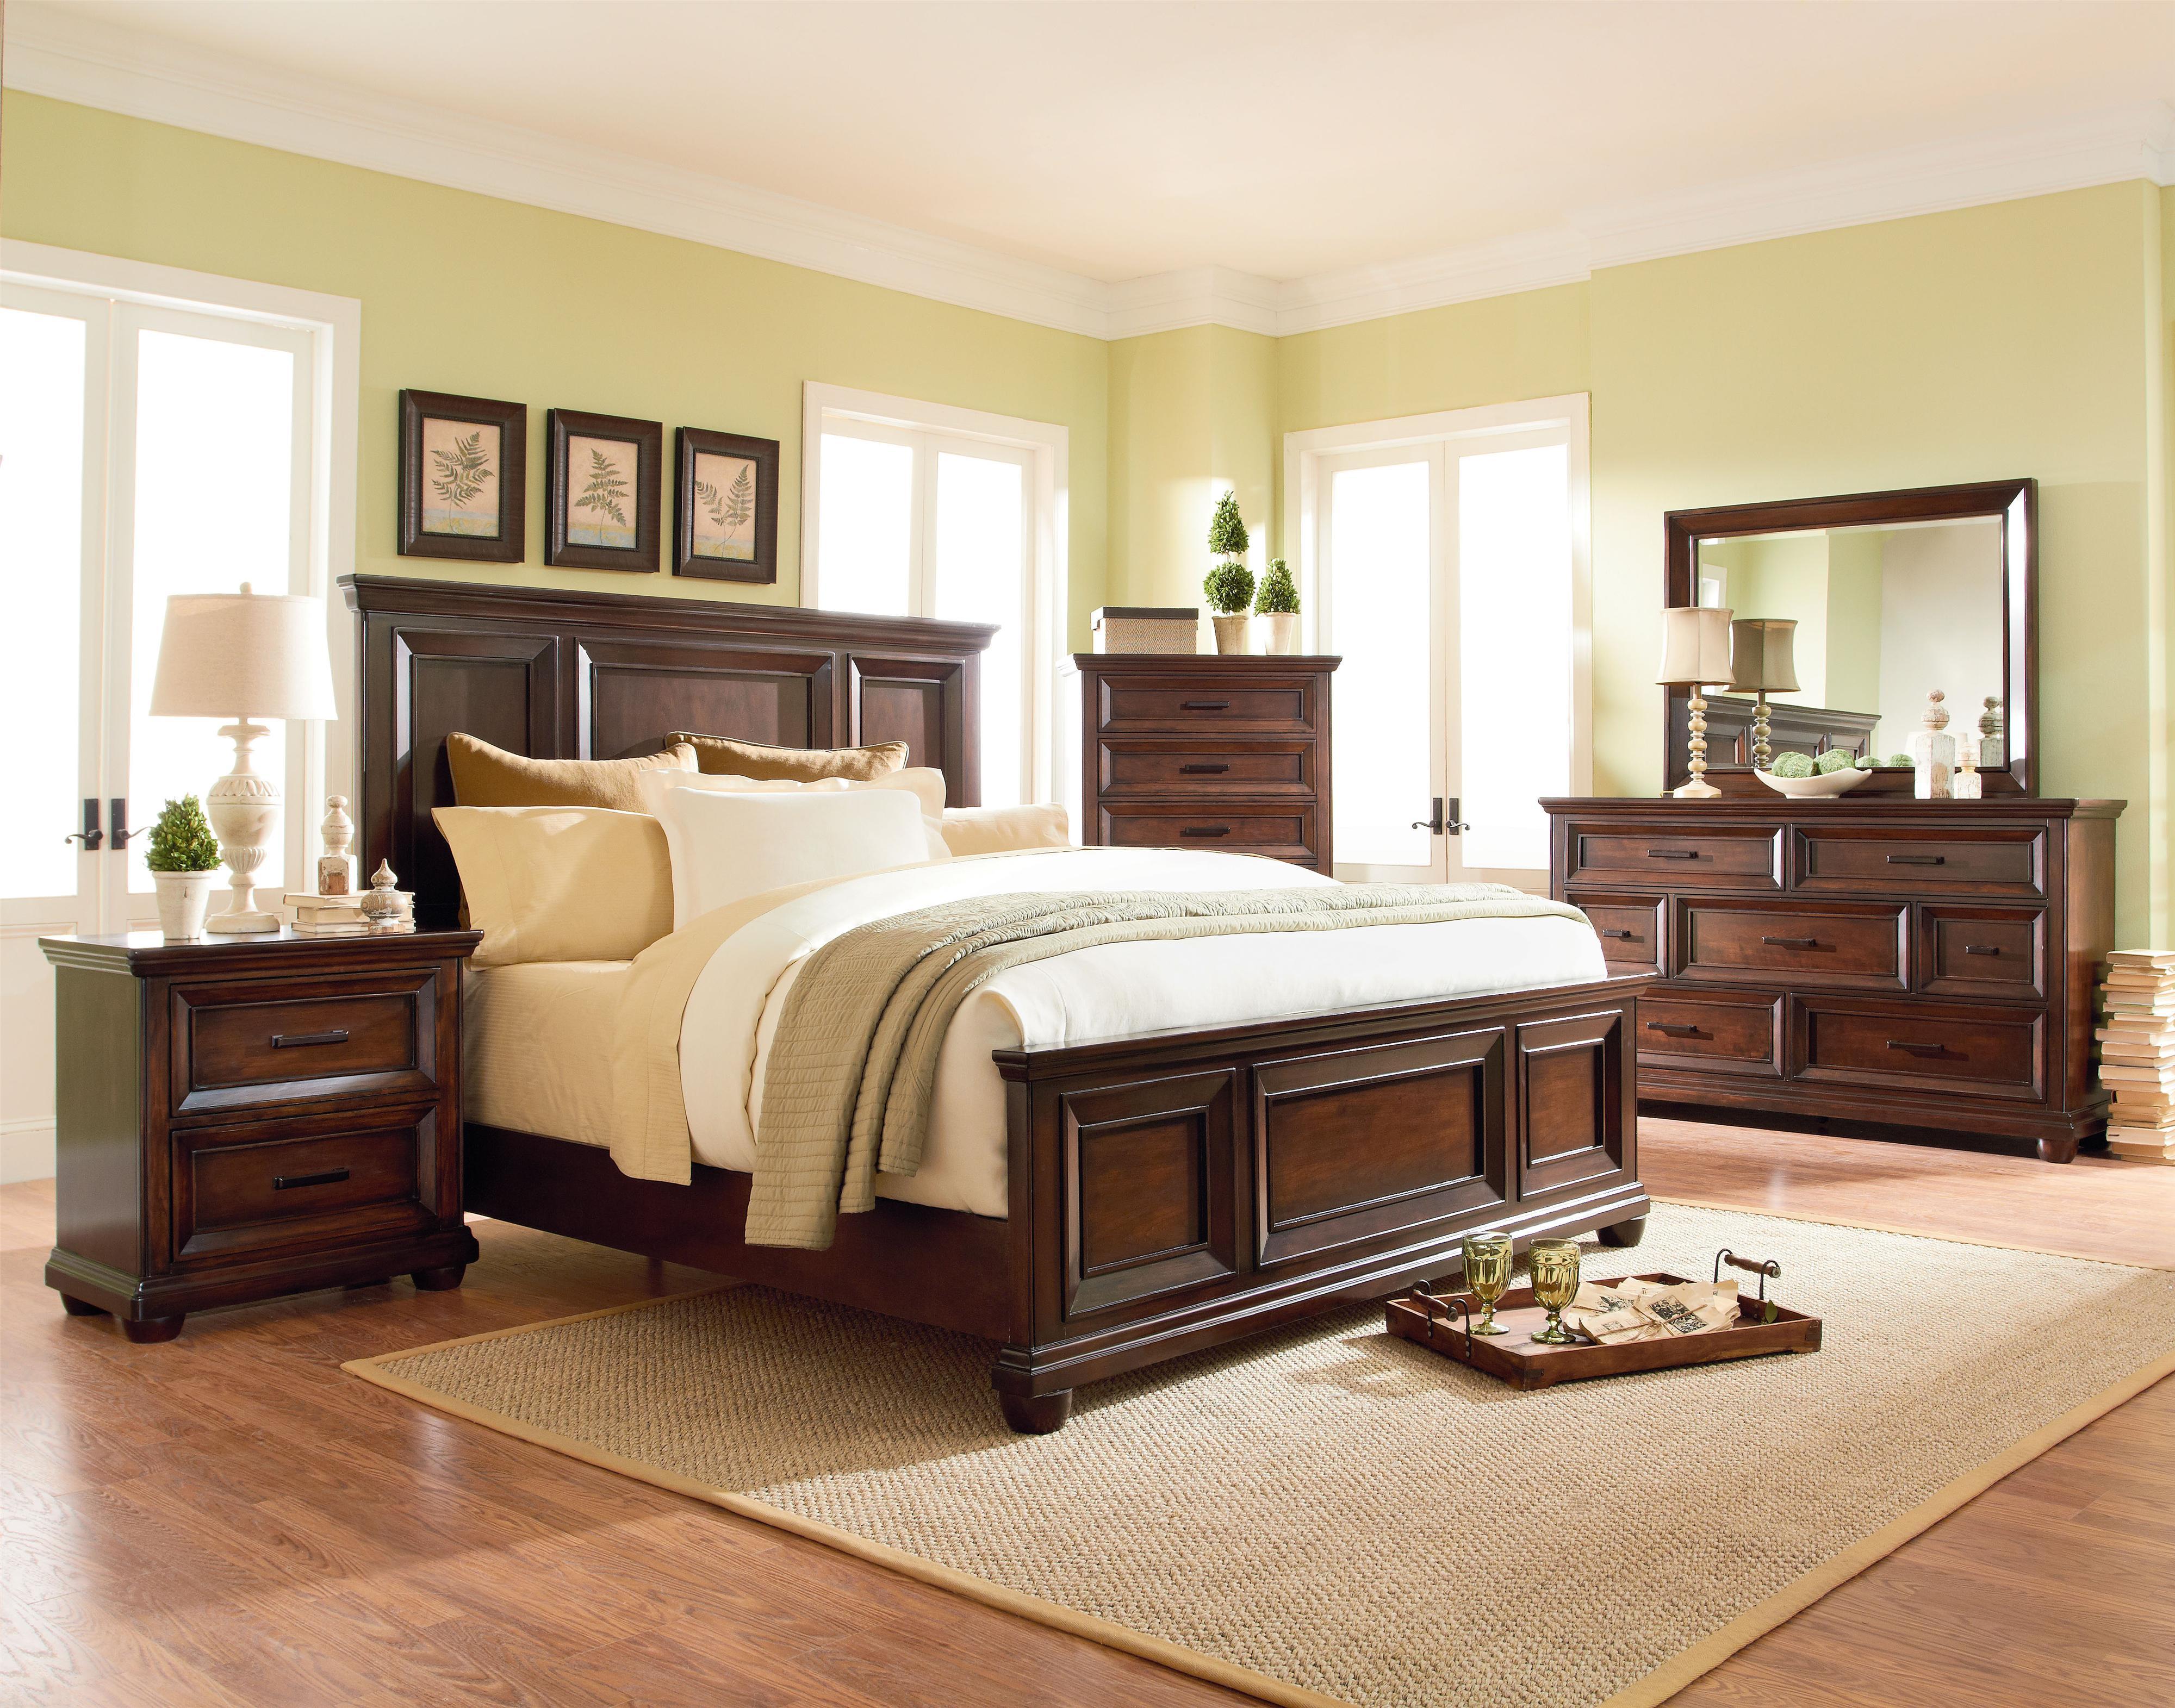 Standard Furniture Vineyard Queen Bedroom Group - Item Number: 877 Queen Bedroom 1